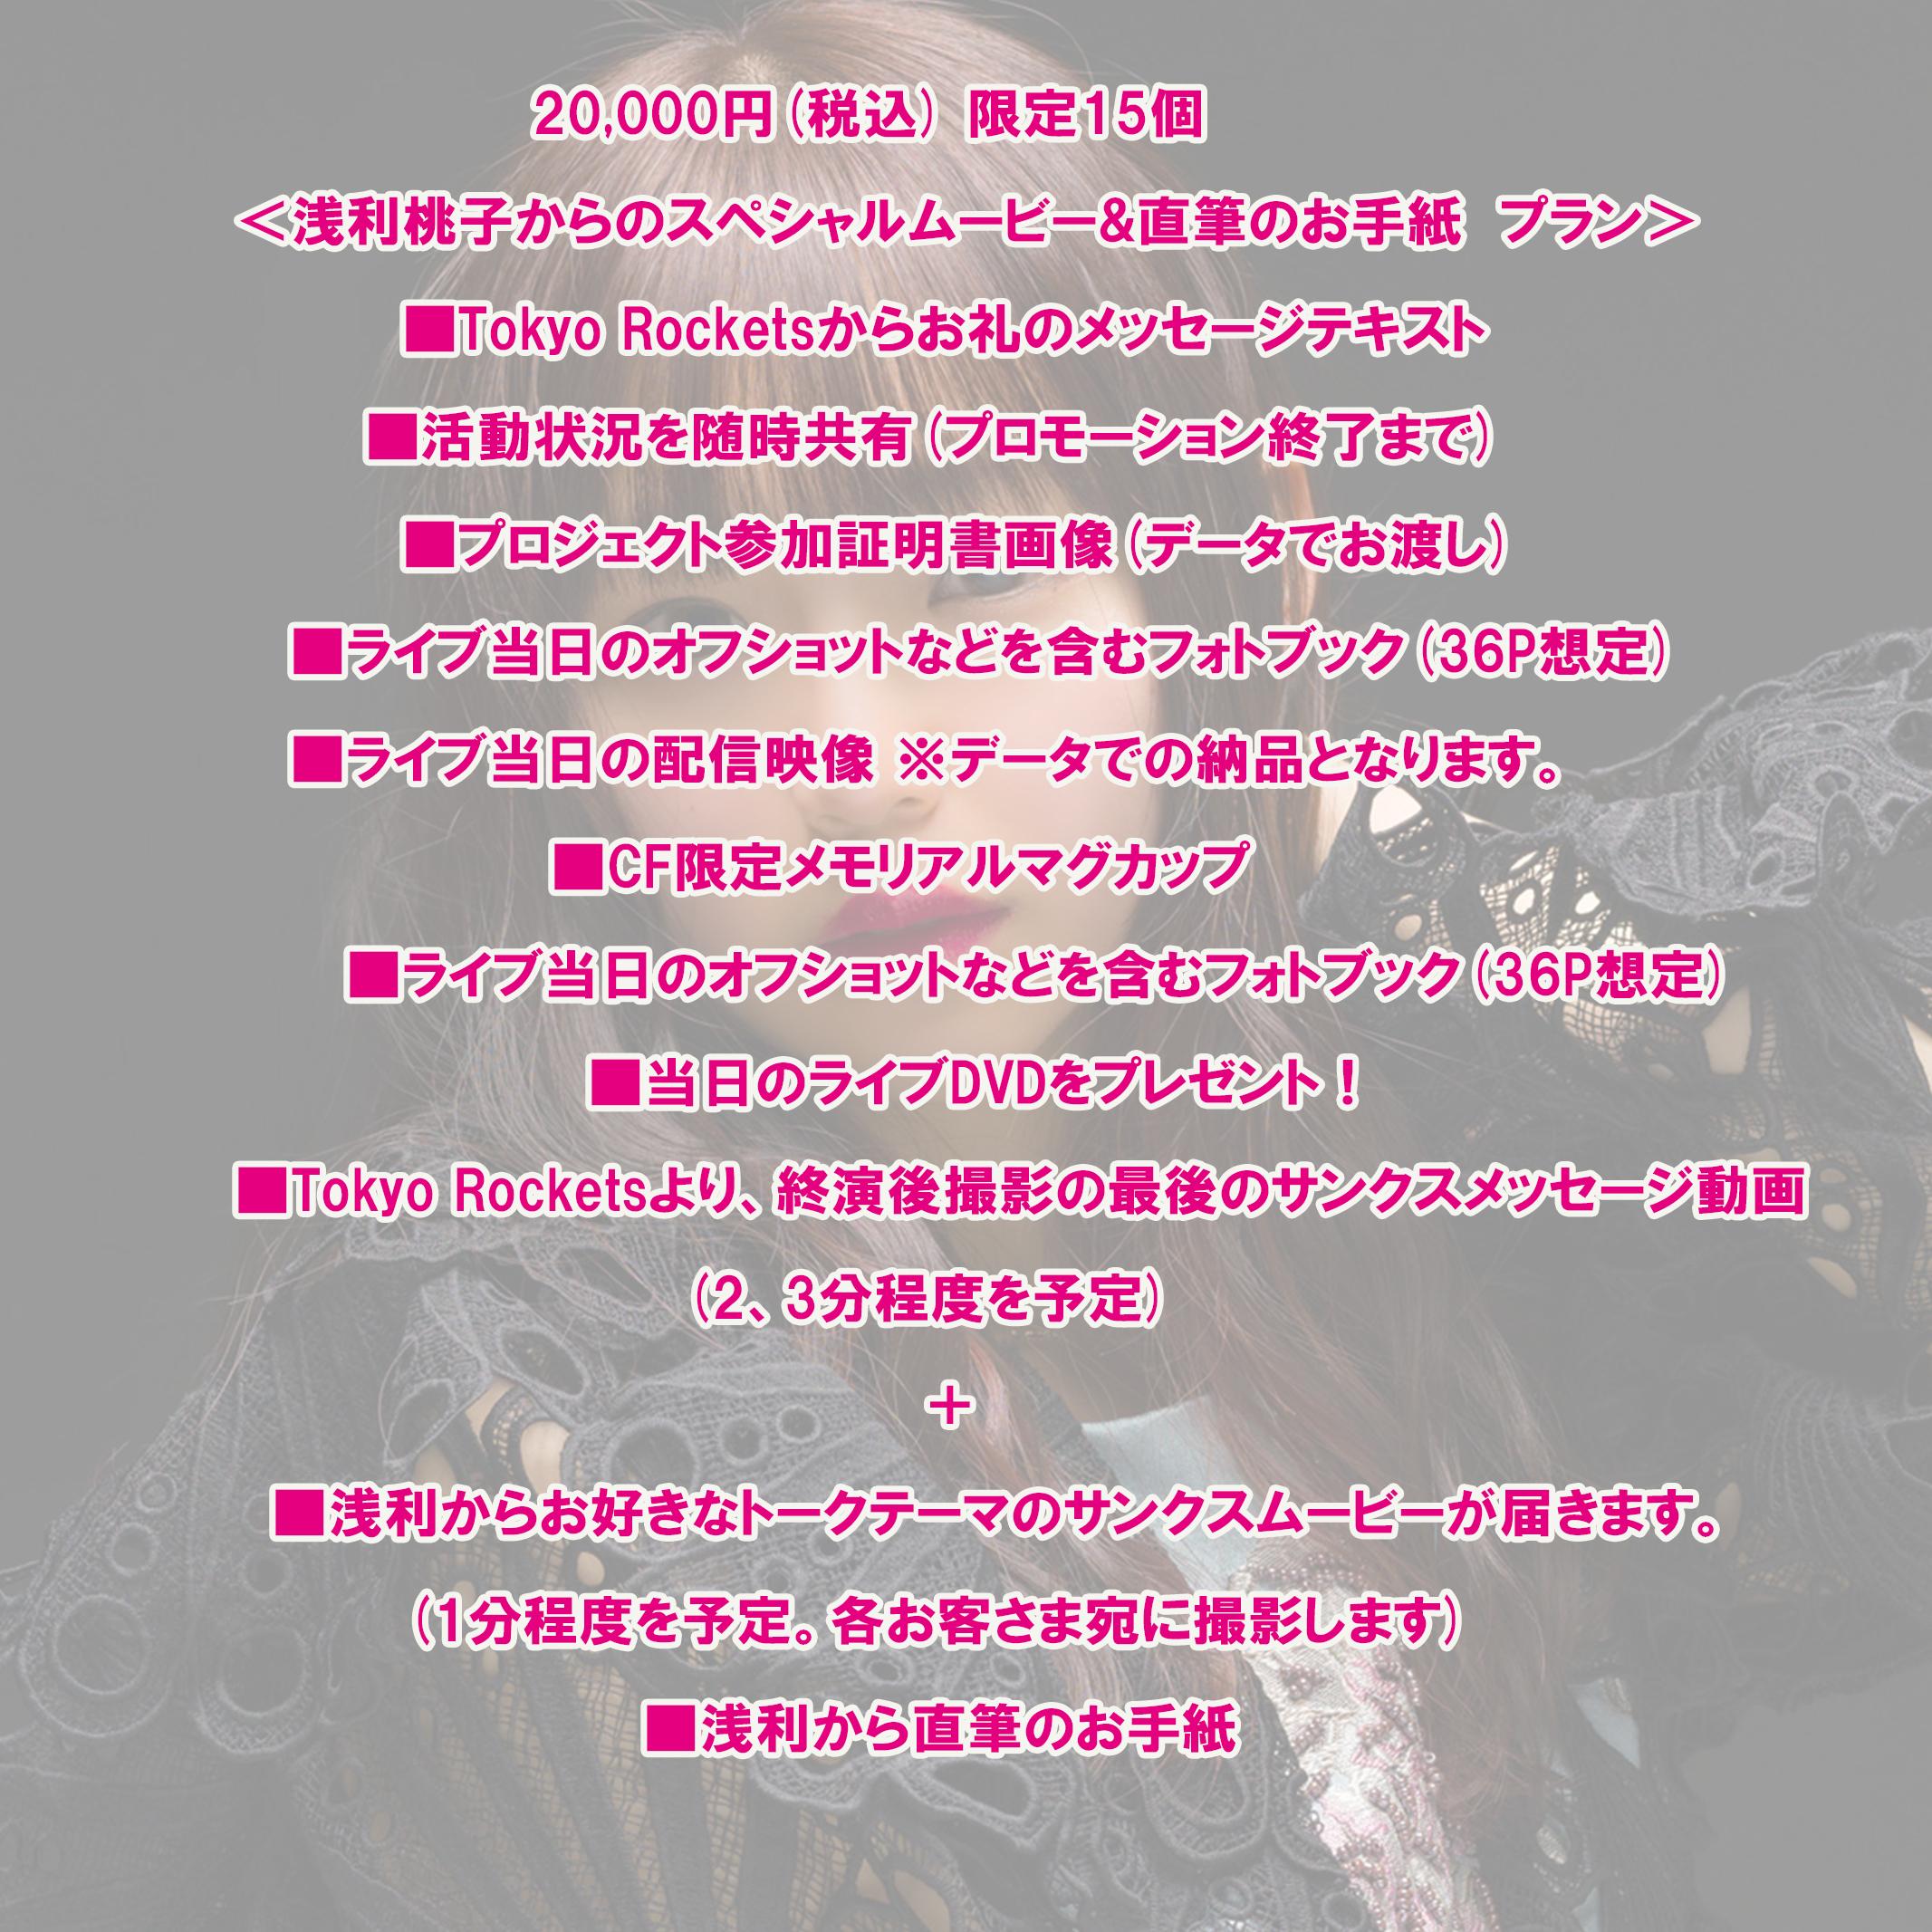 <浅利桃子からのスペシャルムービー&直筆のお手紙 プラン>限定15個